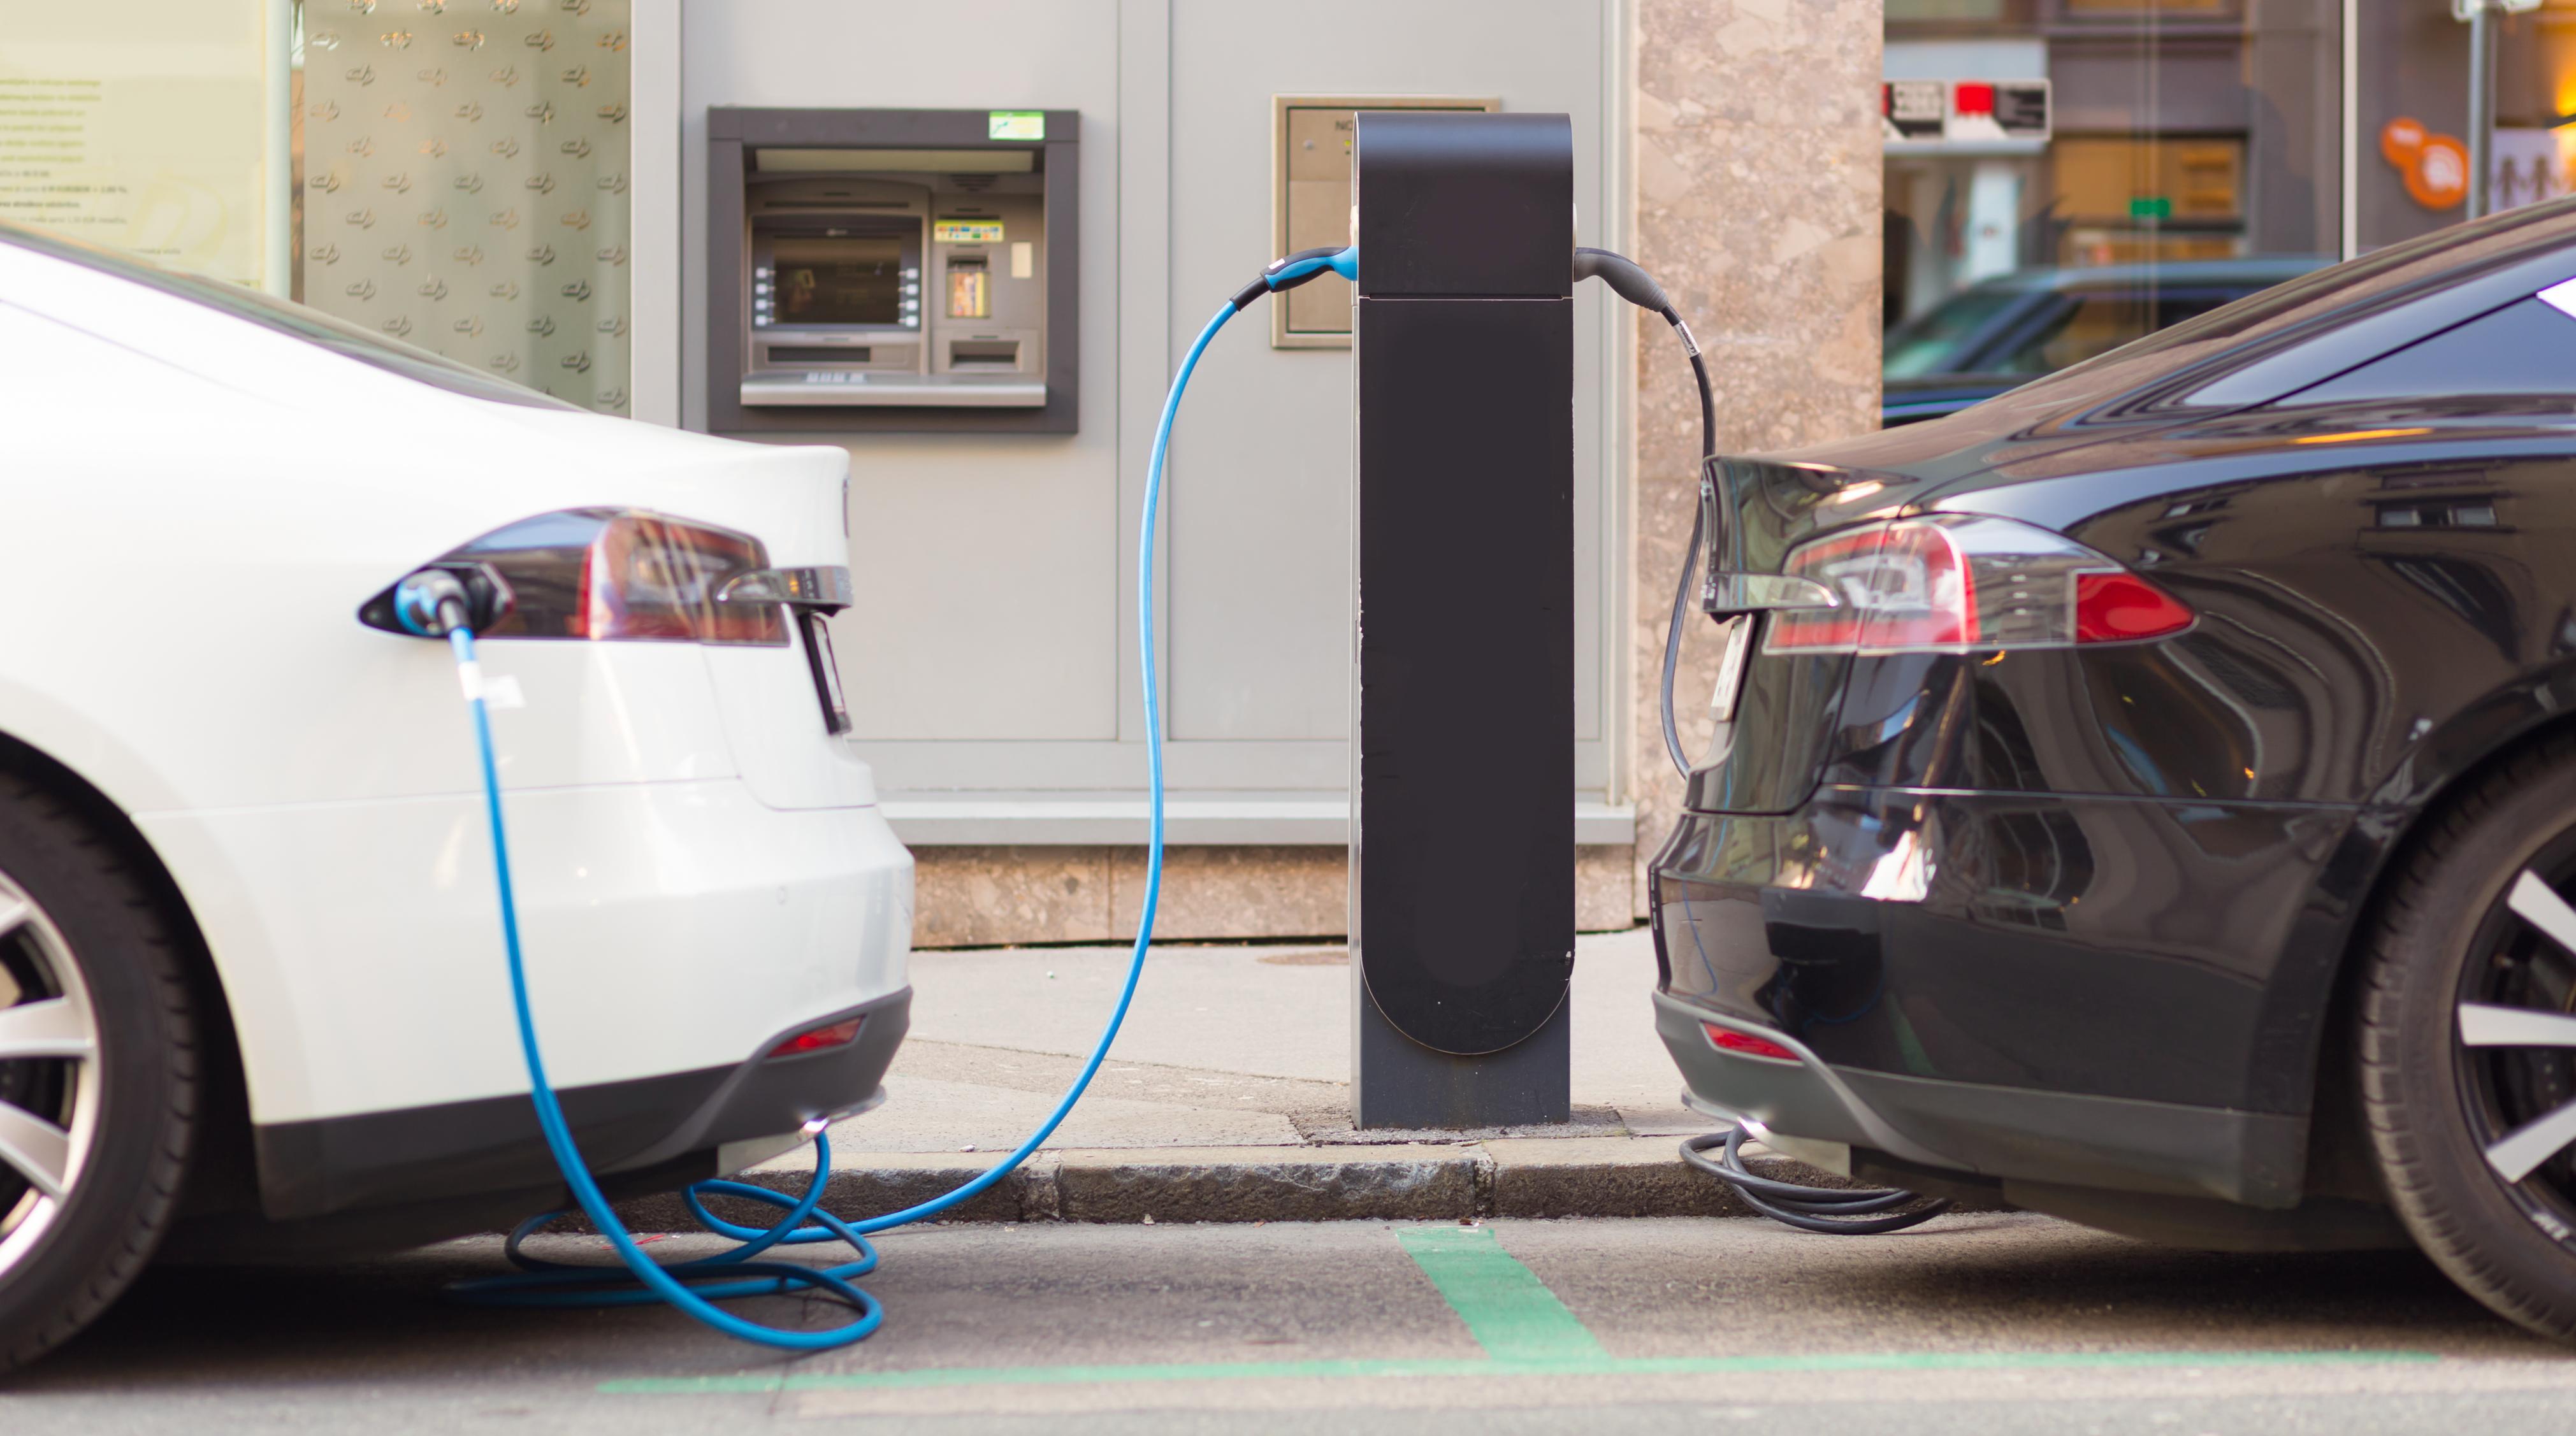 Stor uenighed om afgifters effekt på elbilsalget - Energy Supply DK